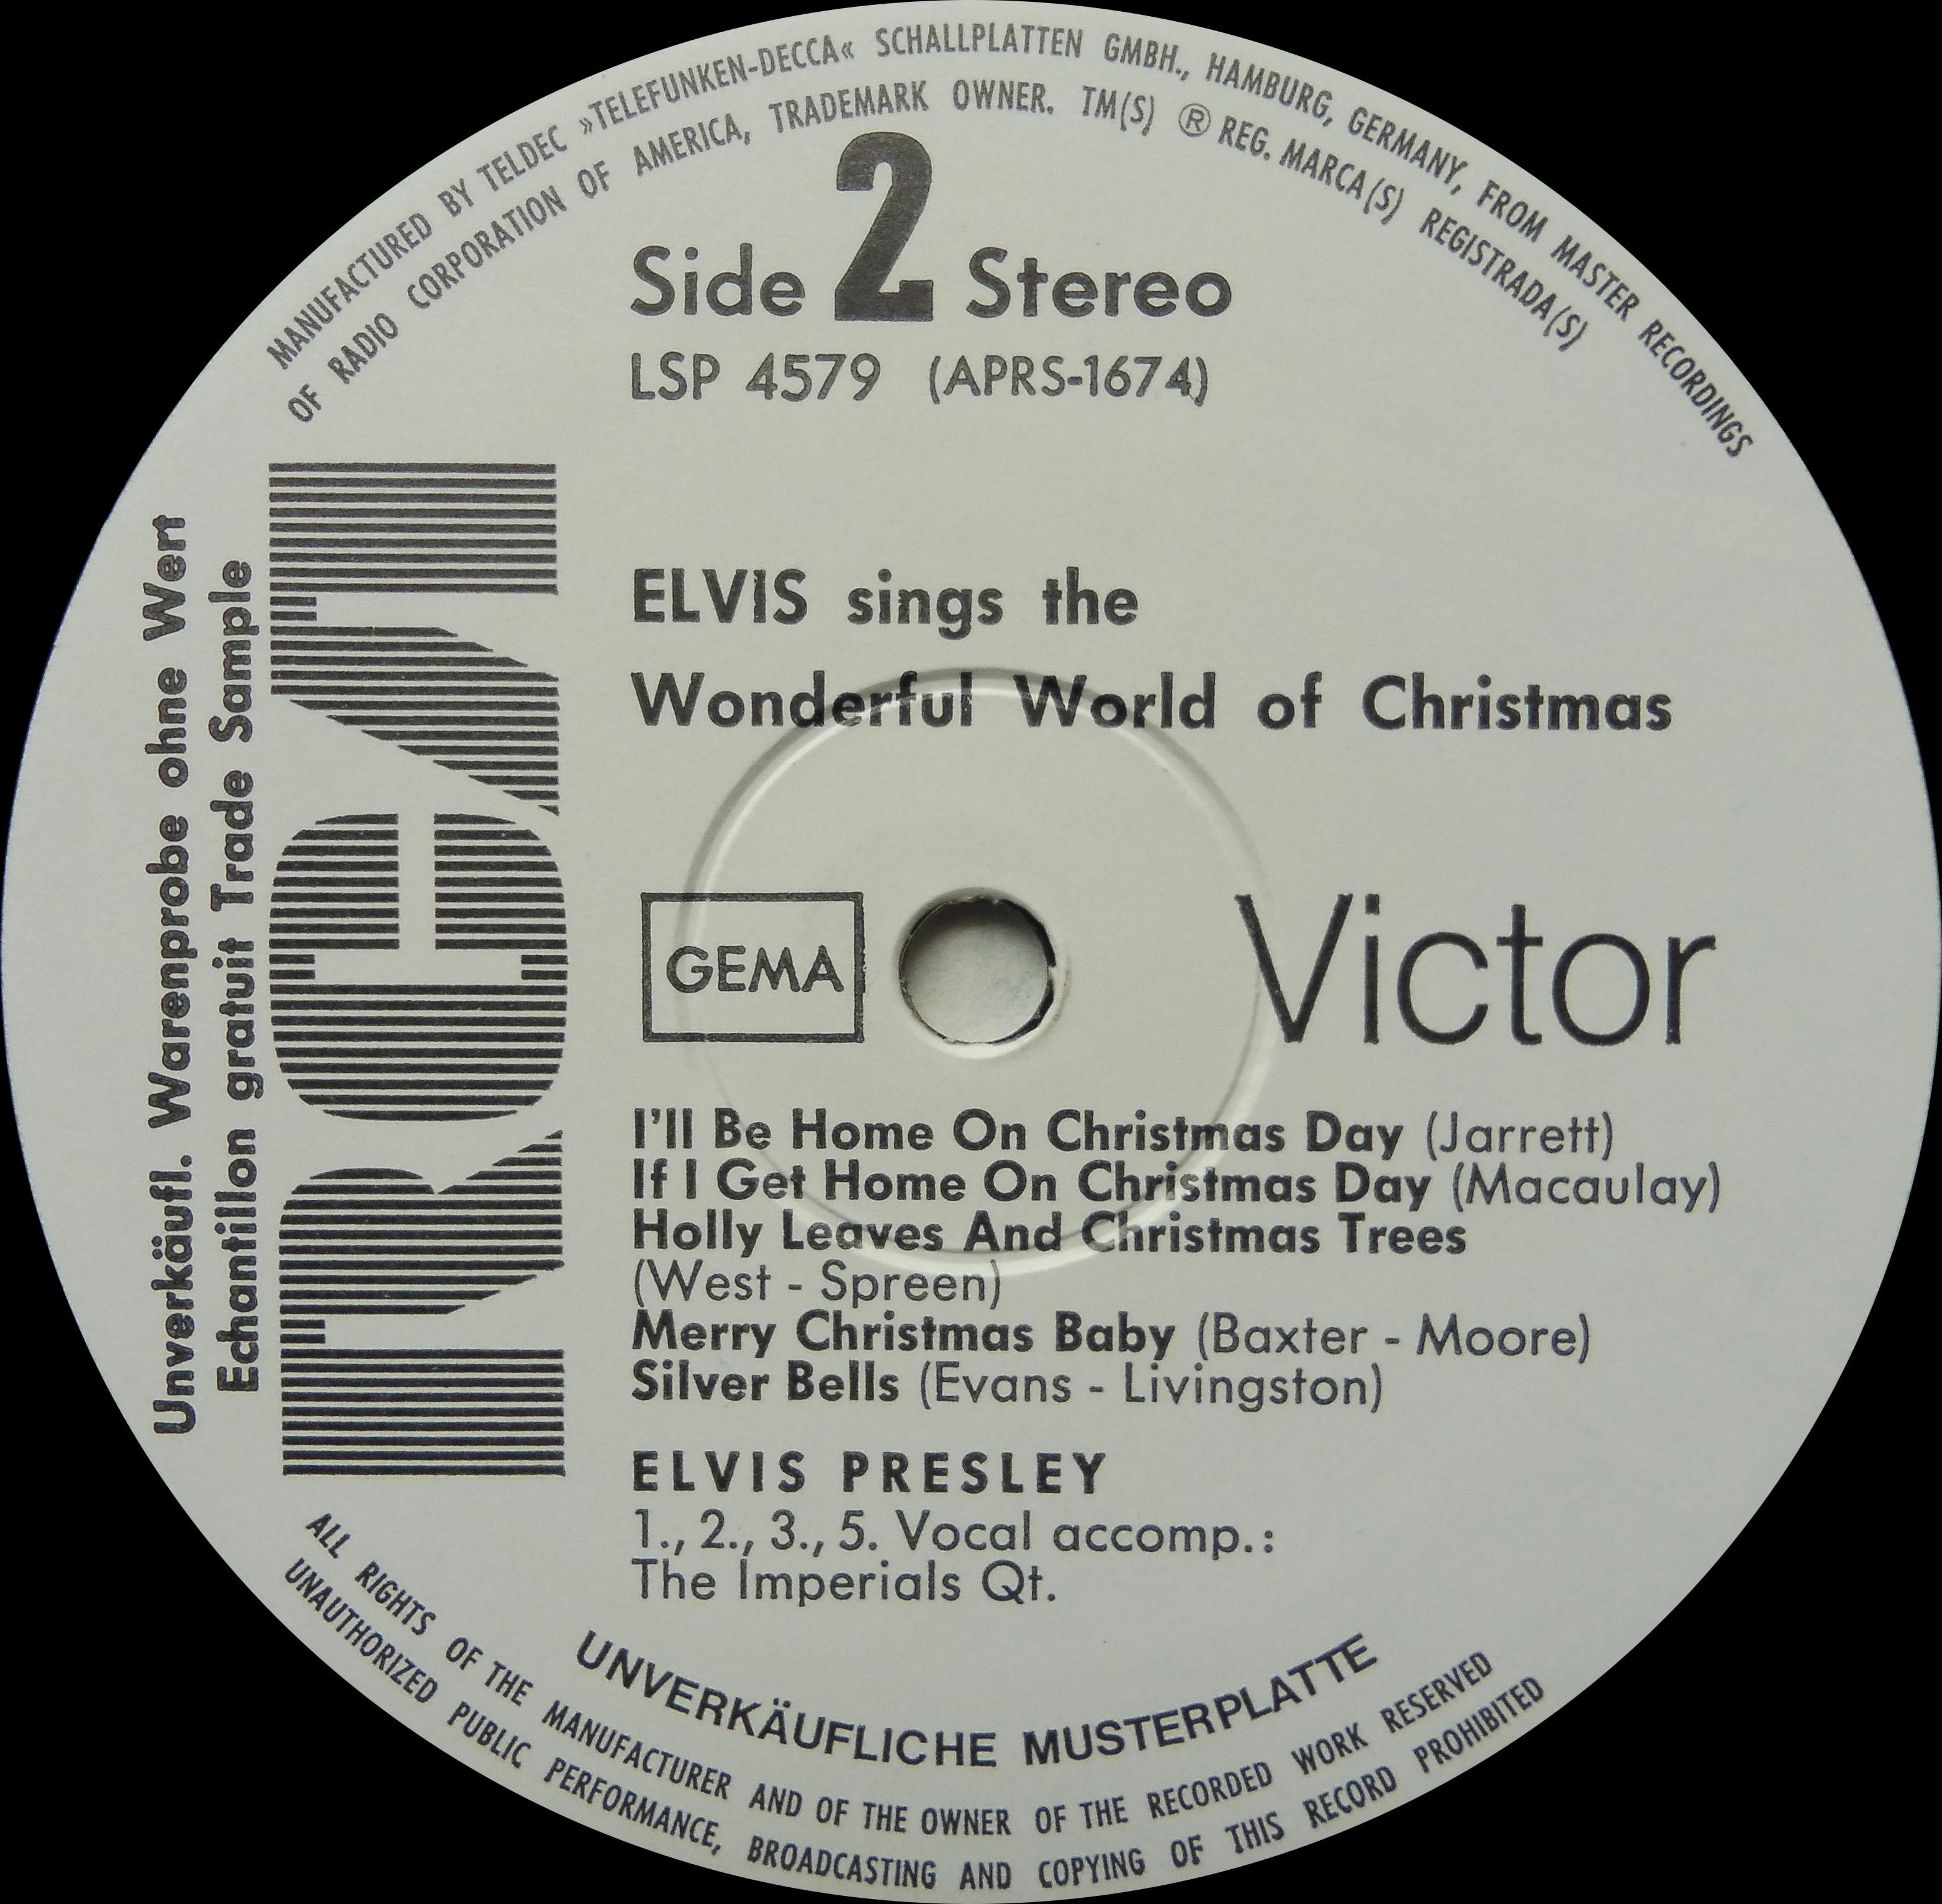 ELVIS SINGS THE WONDERFUL WORLD OF CHRISTMAS Wonderfulworldofchrispojvs